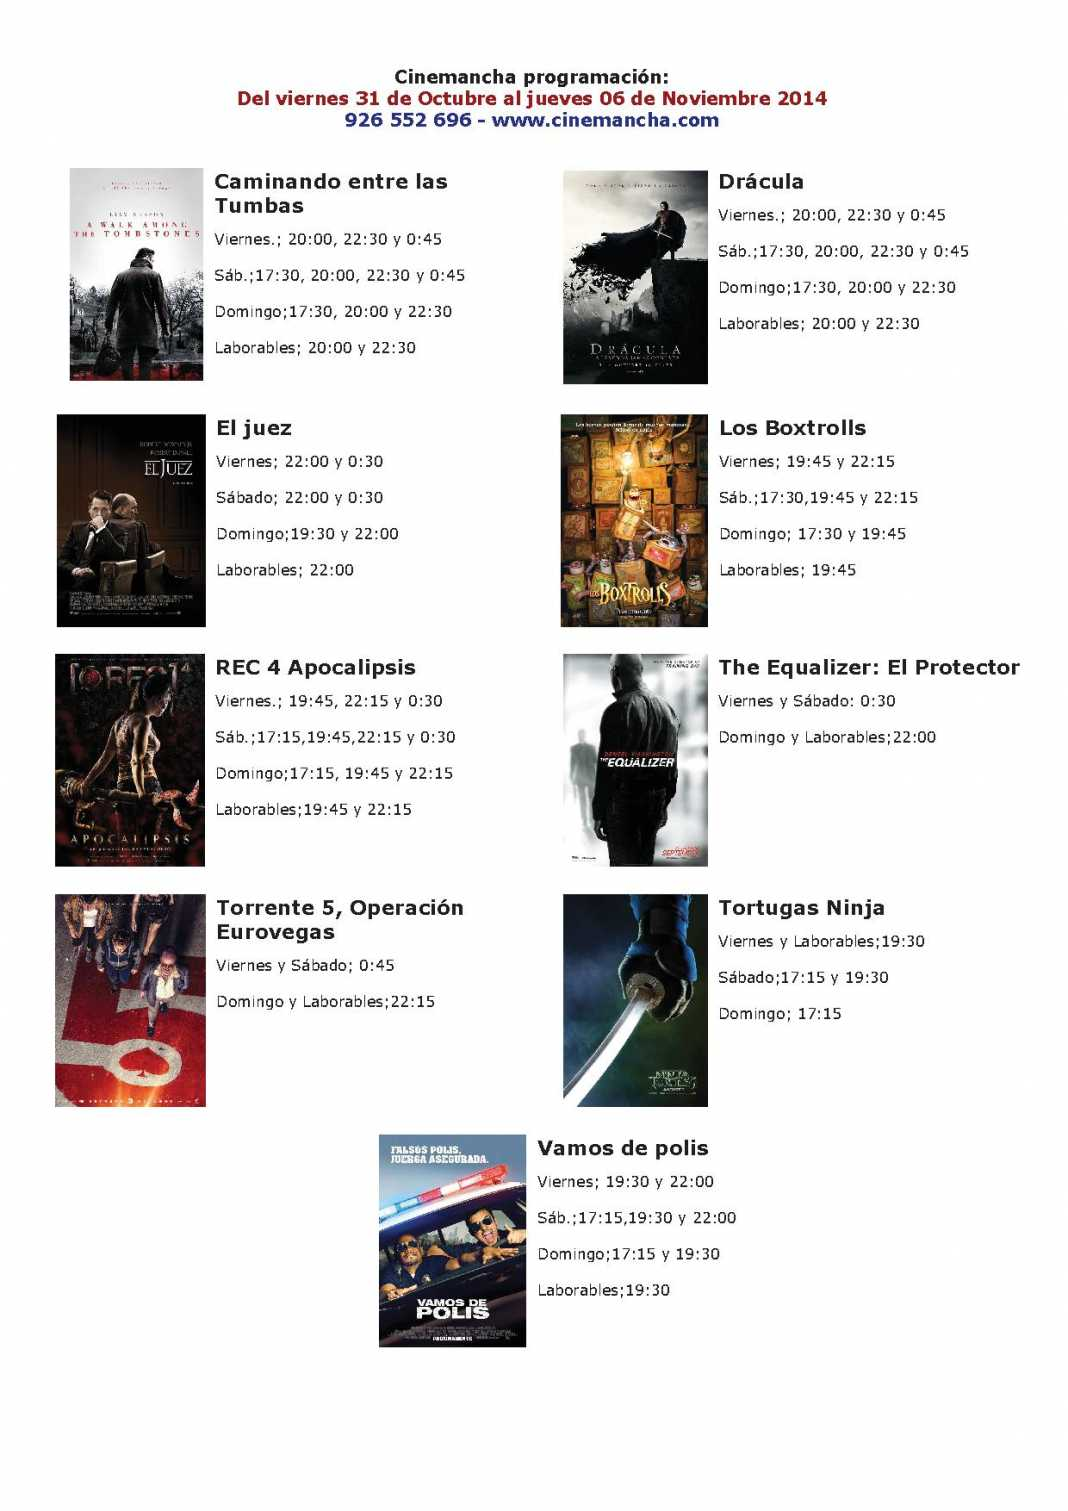 CARTELERA DE CINEMANCHA DEL 31 DE OCTUBRE AL 06 DE NOVIEMBRE 1068x1511 - Cartelera Cinemancha del 31 de octubre al  06 de noviembre